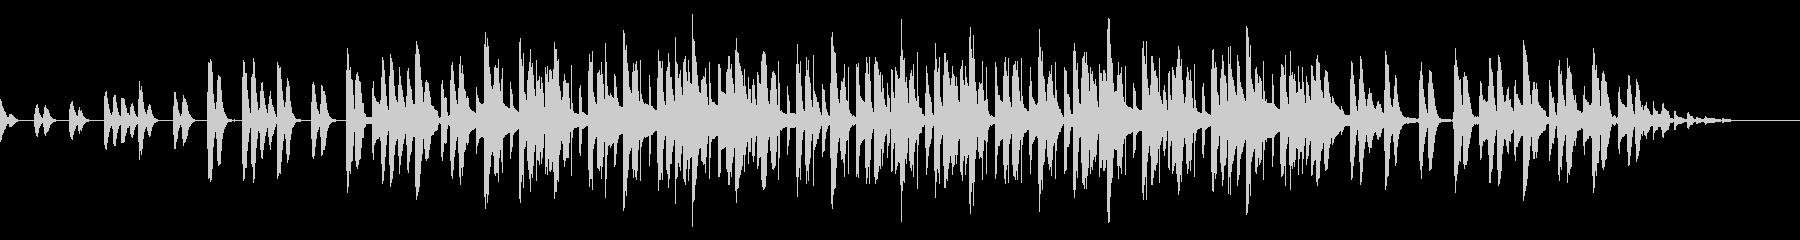 ゆったりとやさしい音楽の未再生の波形